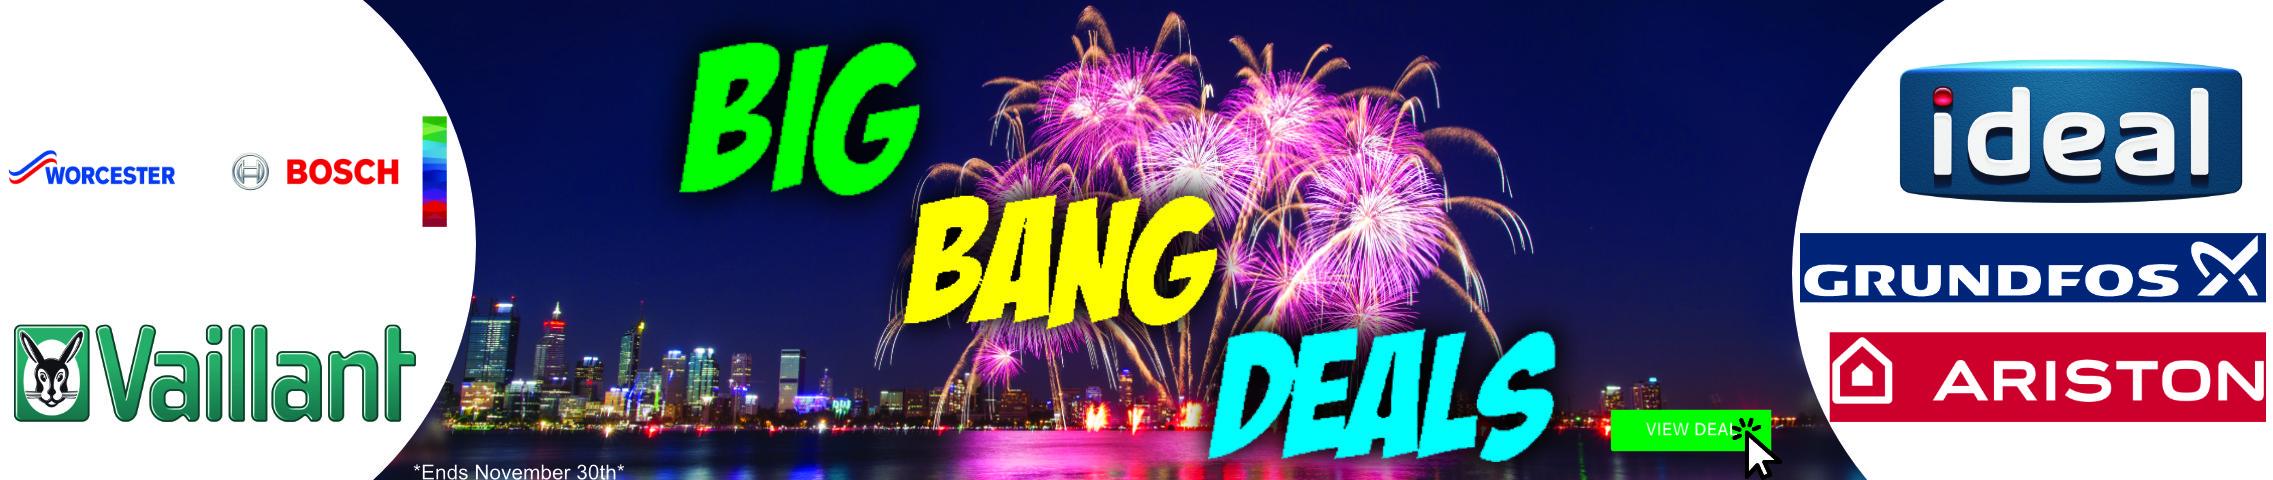 Big Bang Deals